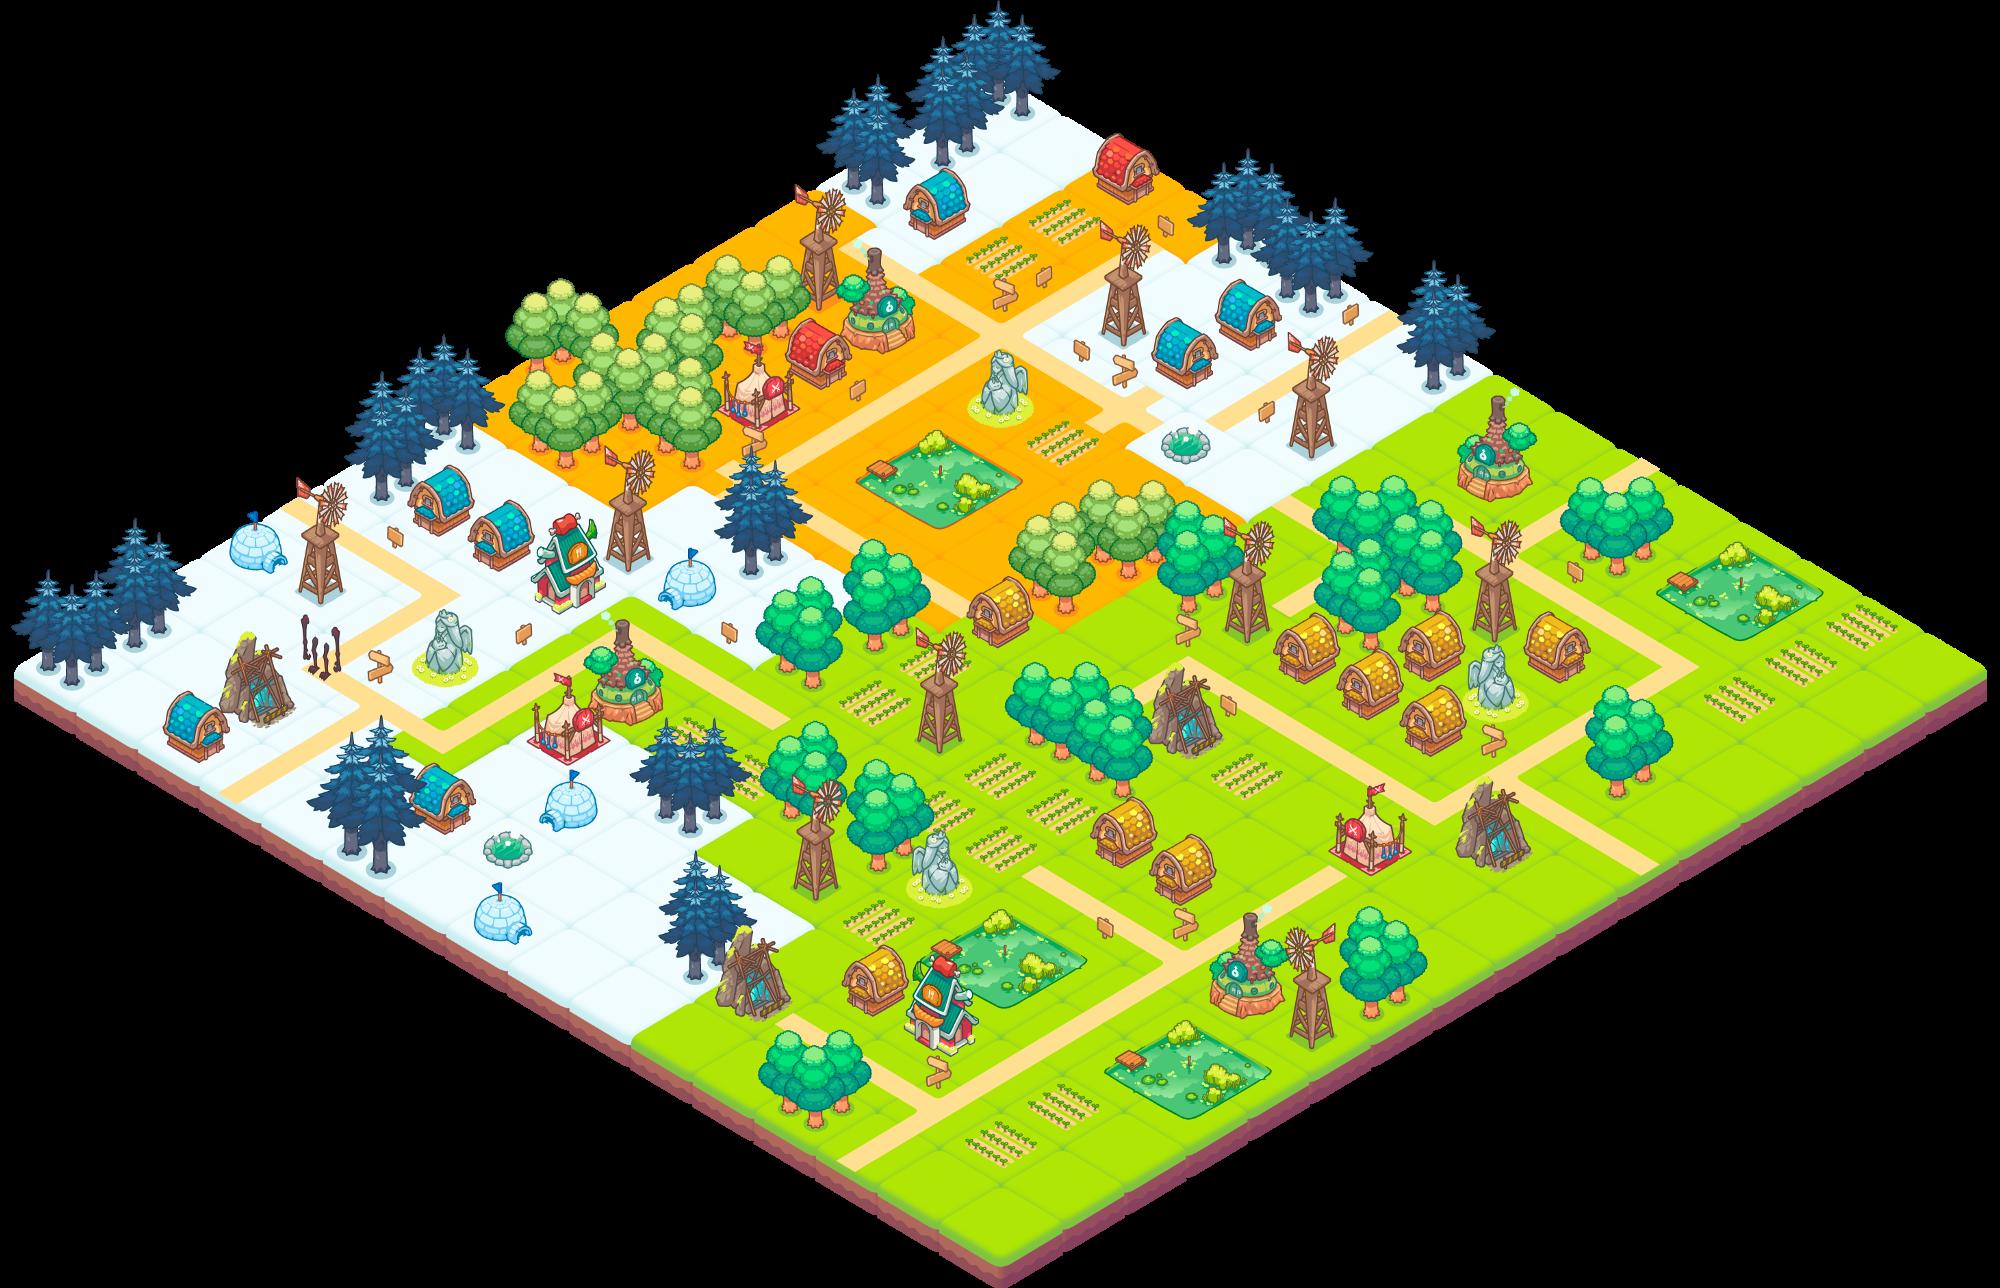 以太坊DApp游戏Axie Infinity将开启土地销售